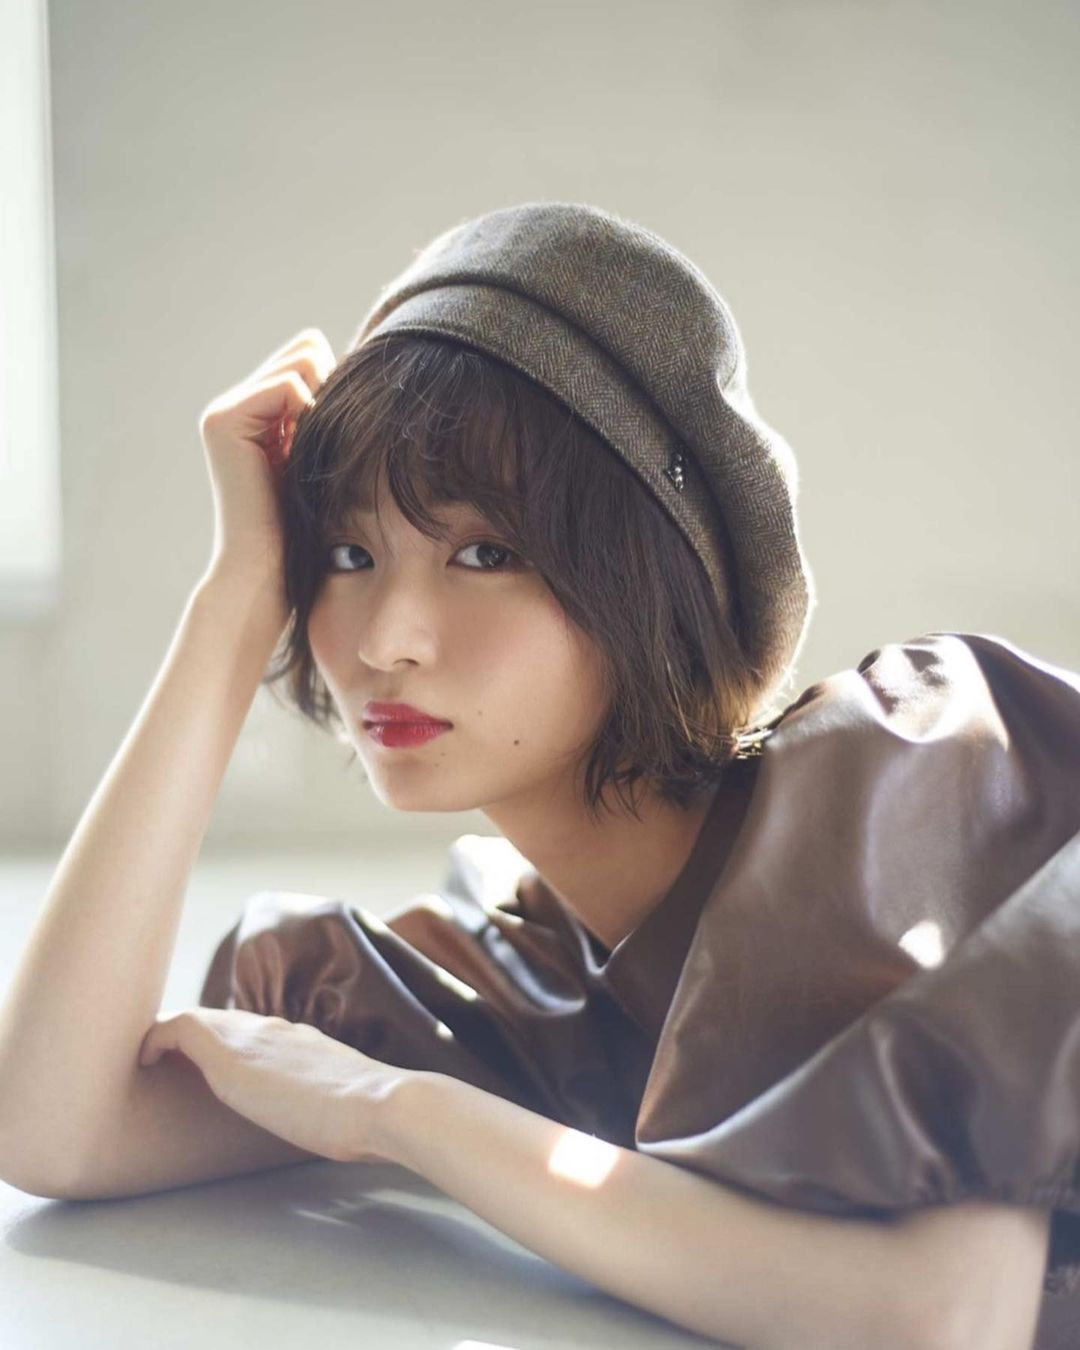 日系时尚杂志模特冈崎纱绘清甜笑容亲和力十足完全就是女友理想型 网络美女 第12张